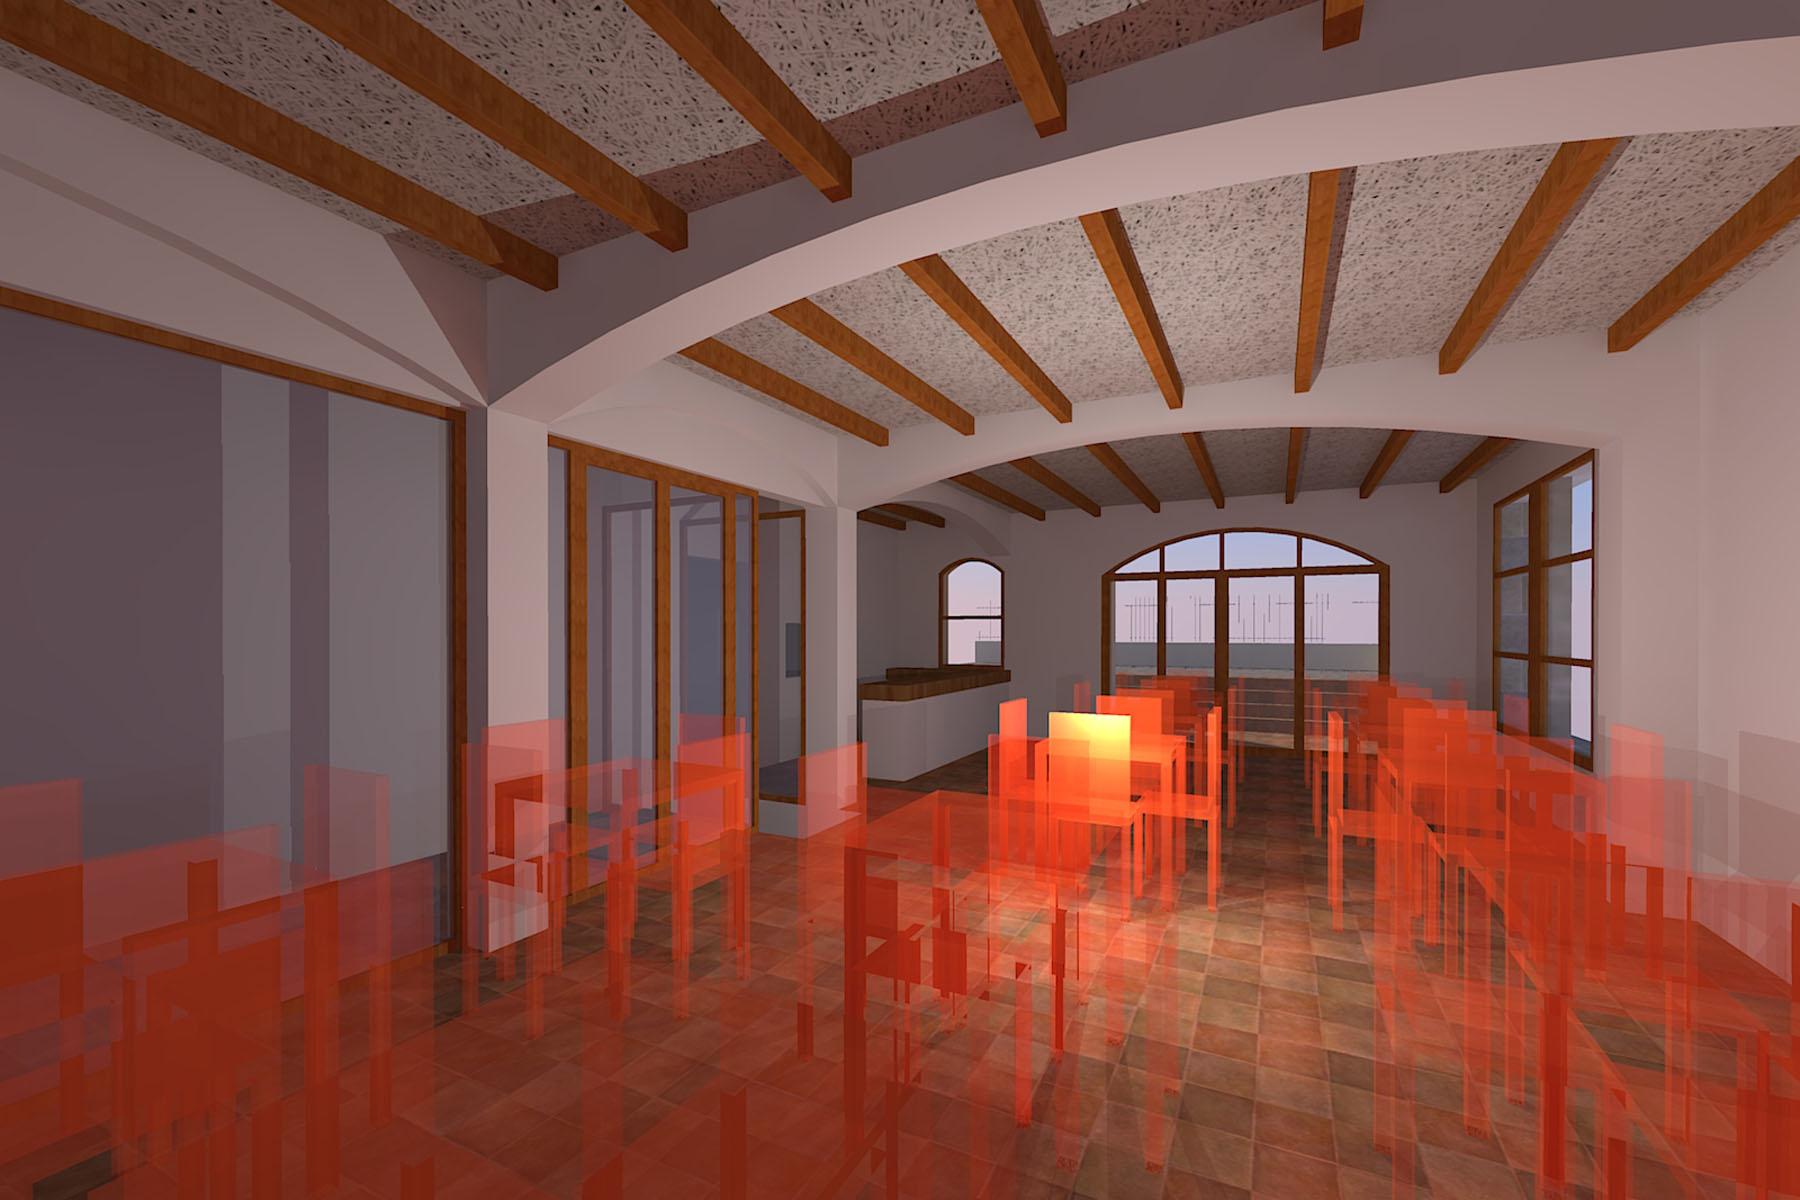 Single Family House and Restaurant Castellet i la Gornal